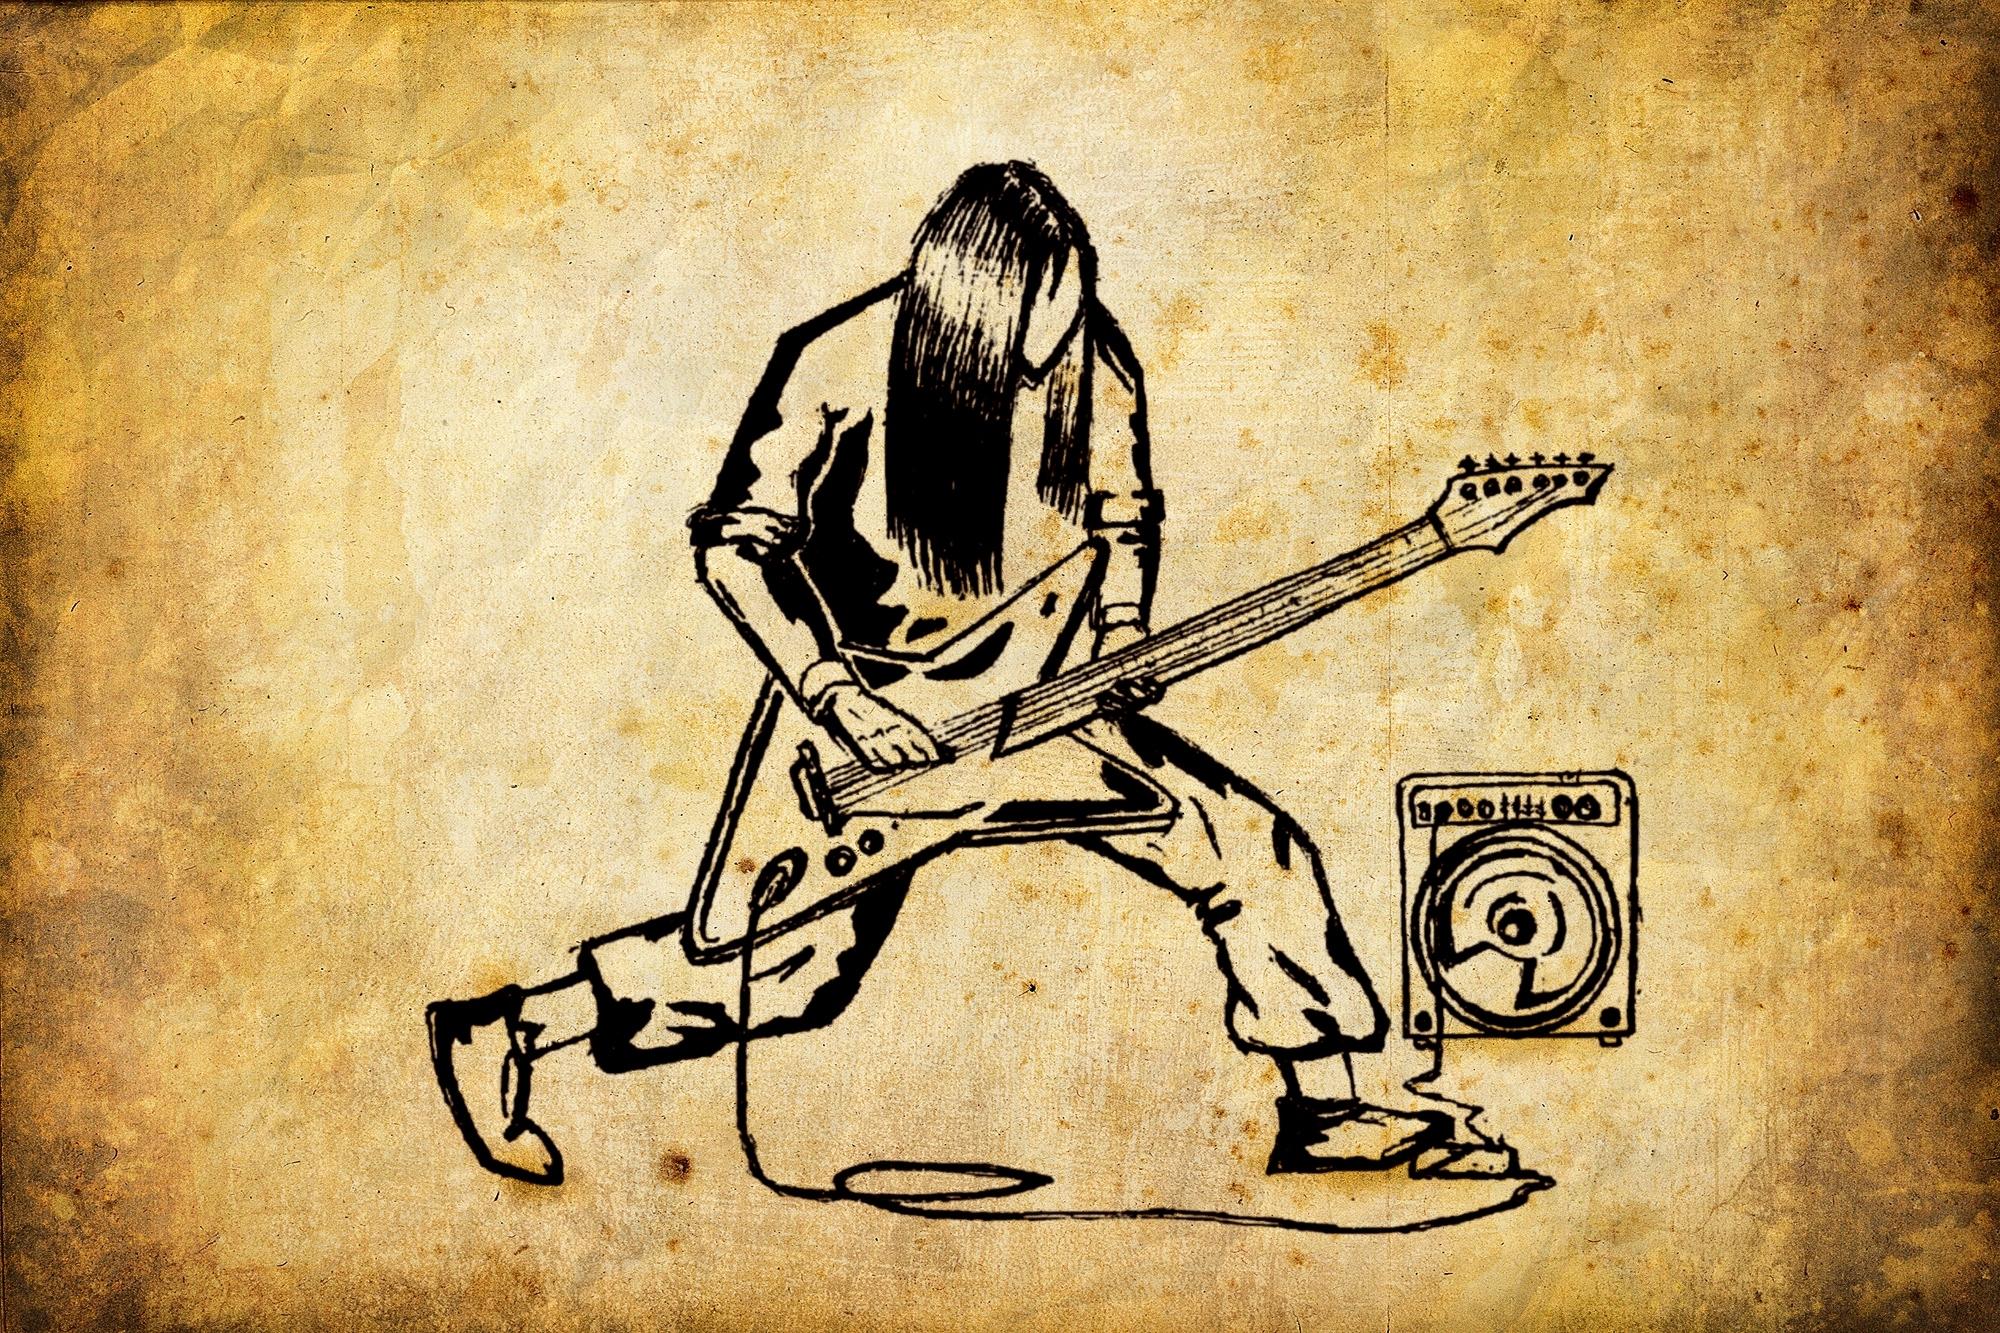 Спортивная, крутые рок картинки для срисовки